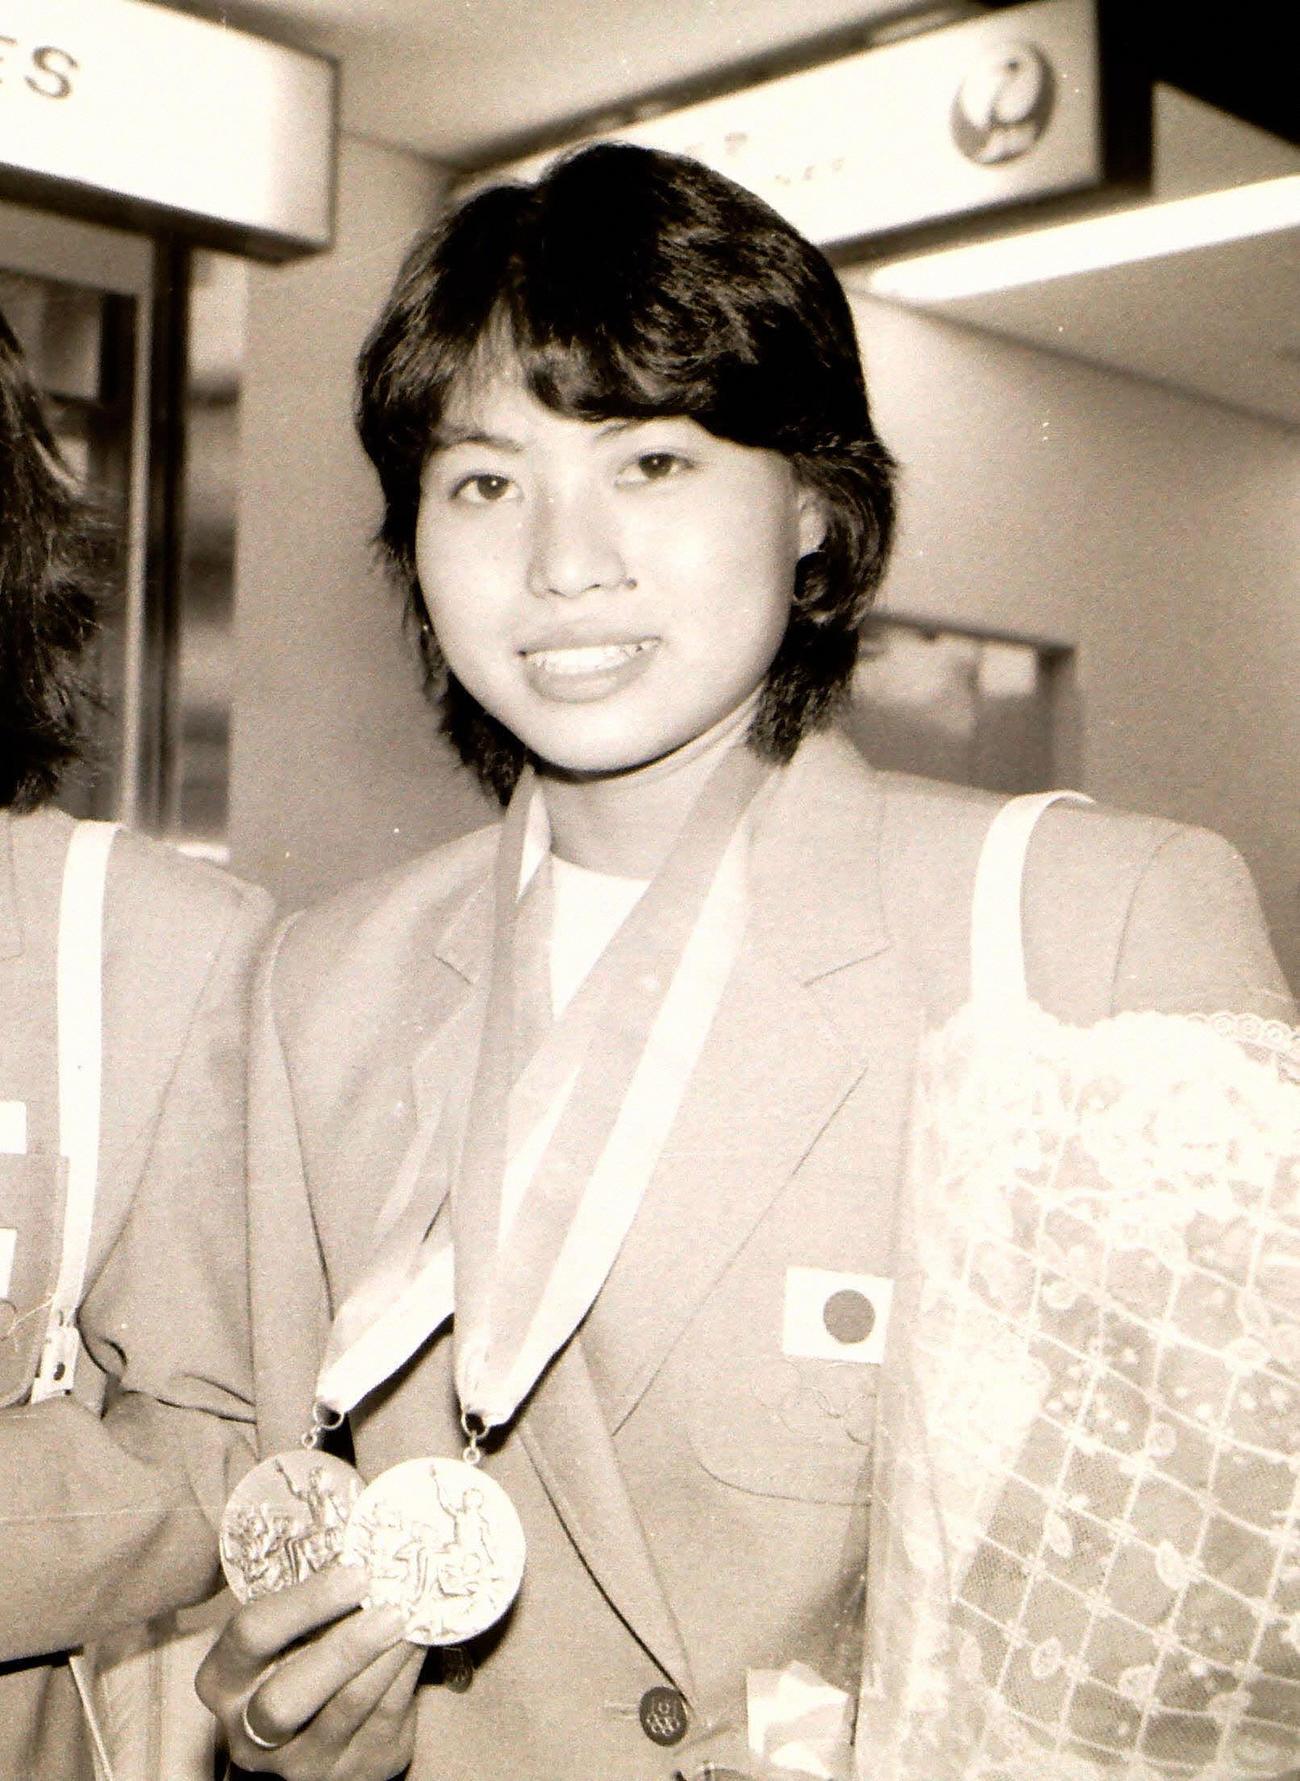 ロサンゼルス五輪シンクロナイズドスイミングで銅メダルを獲得した元好三和子(1984年8月9日撮影)